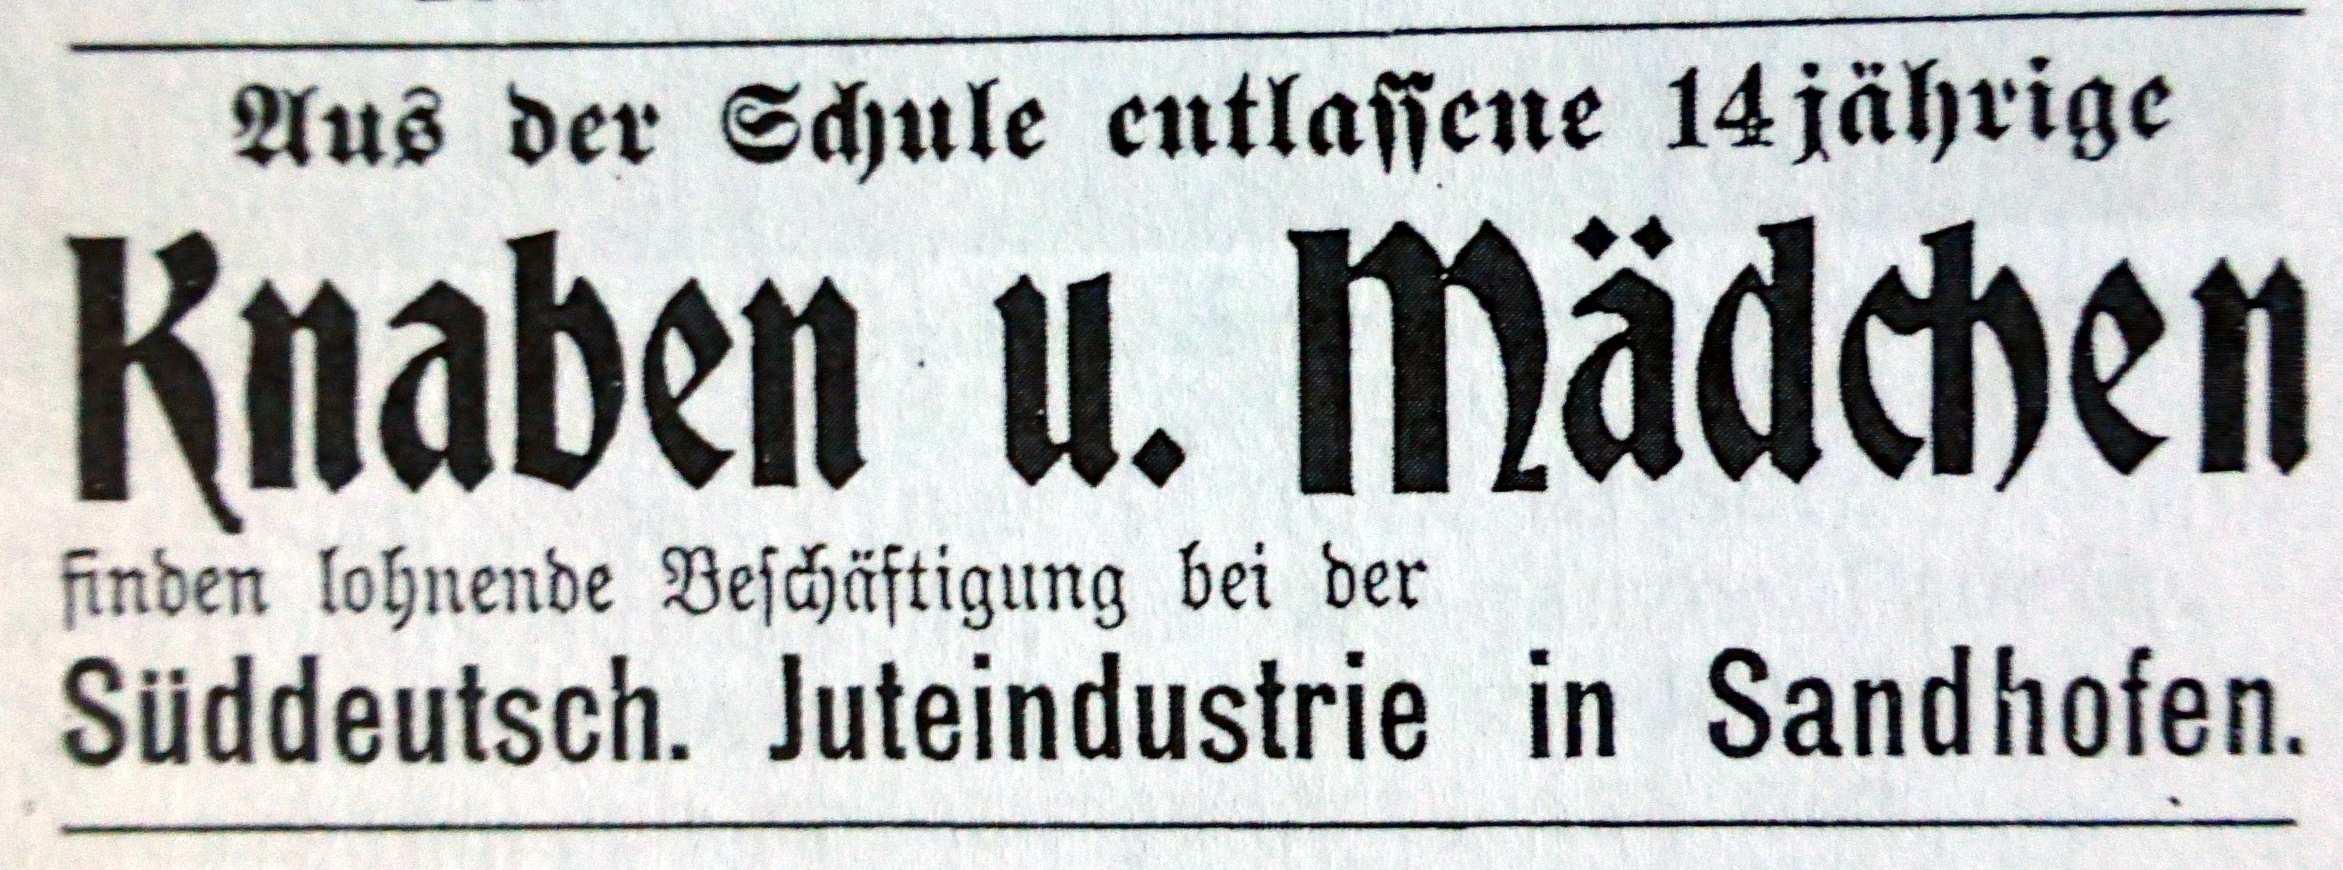 Anzeige von 1909 (Foto aus Heierling)